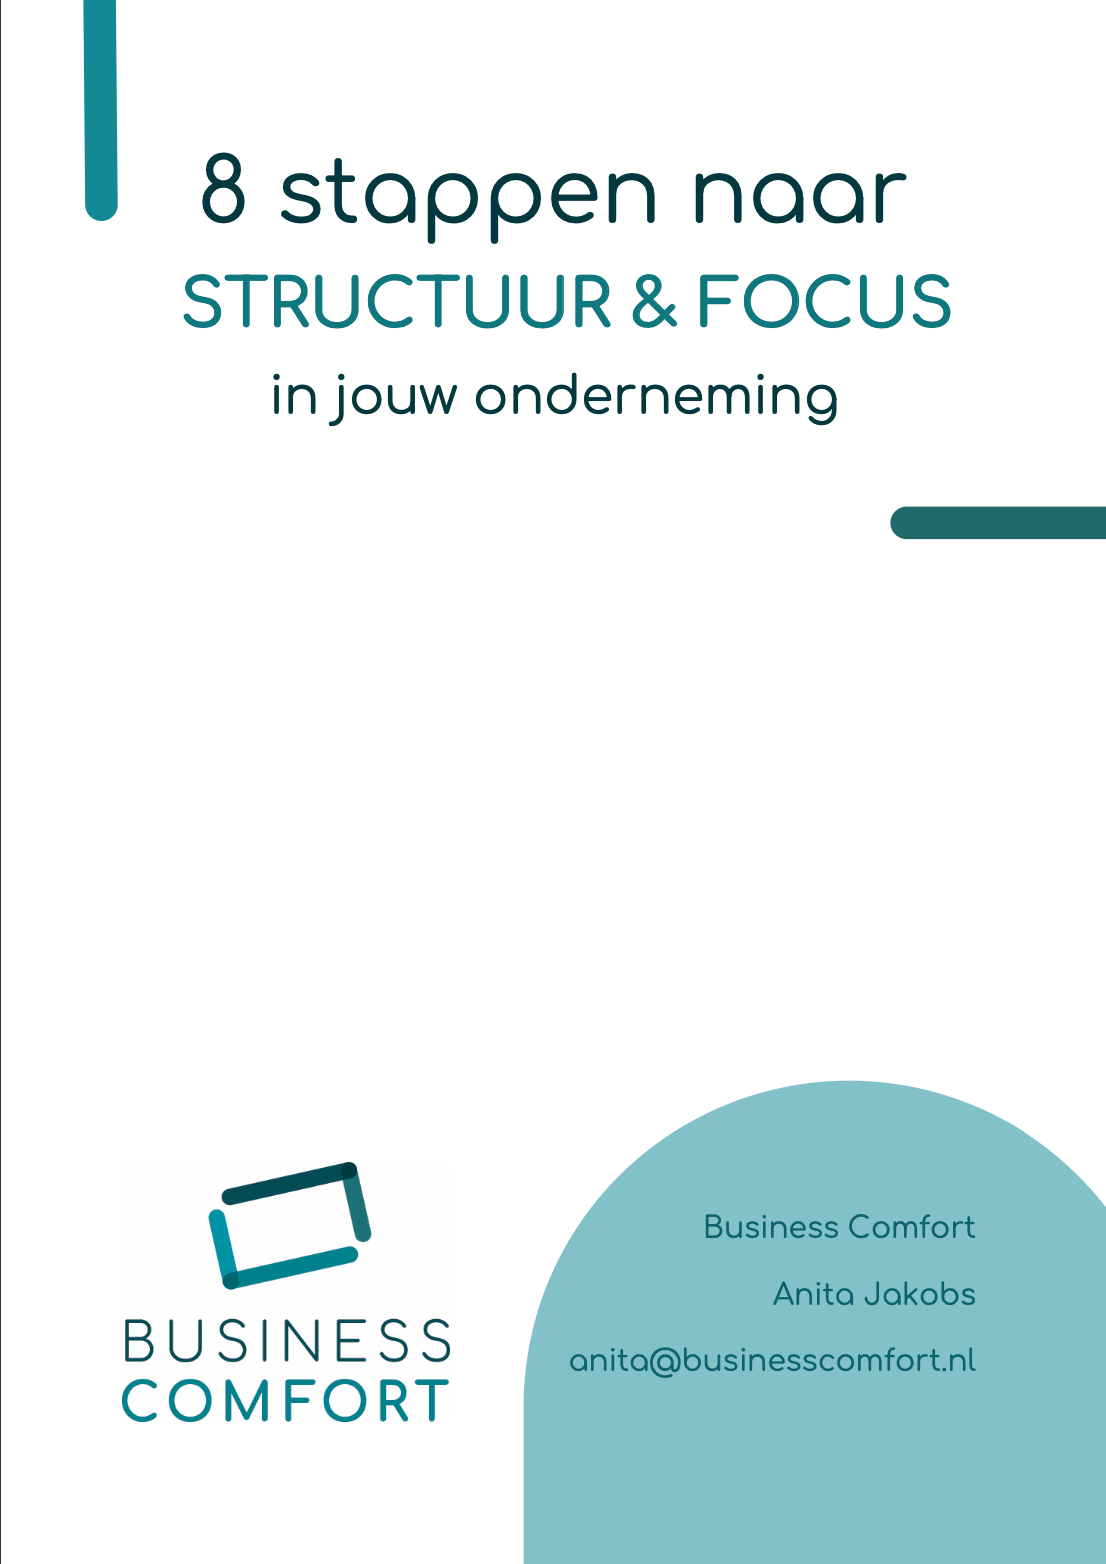 8 stappen naar structuur en focus